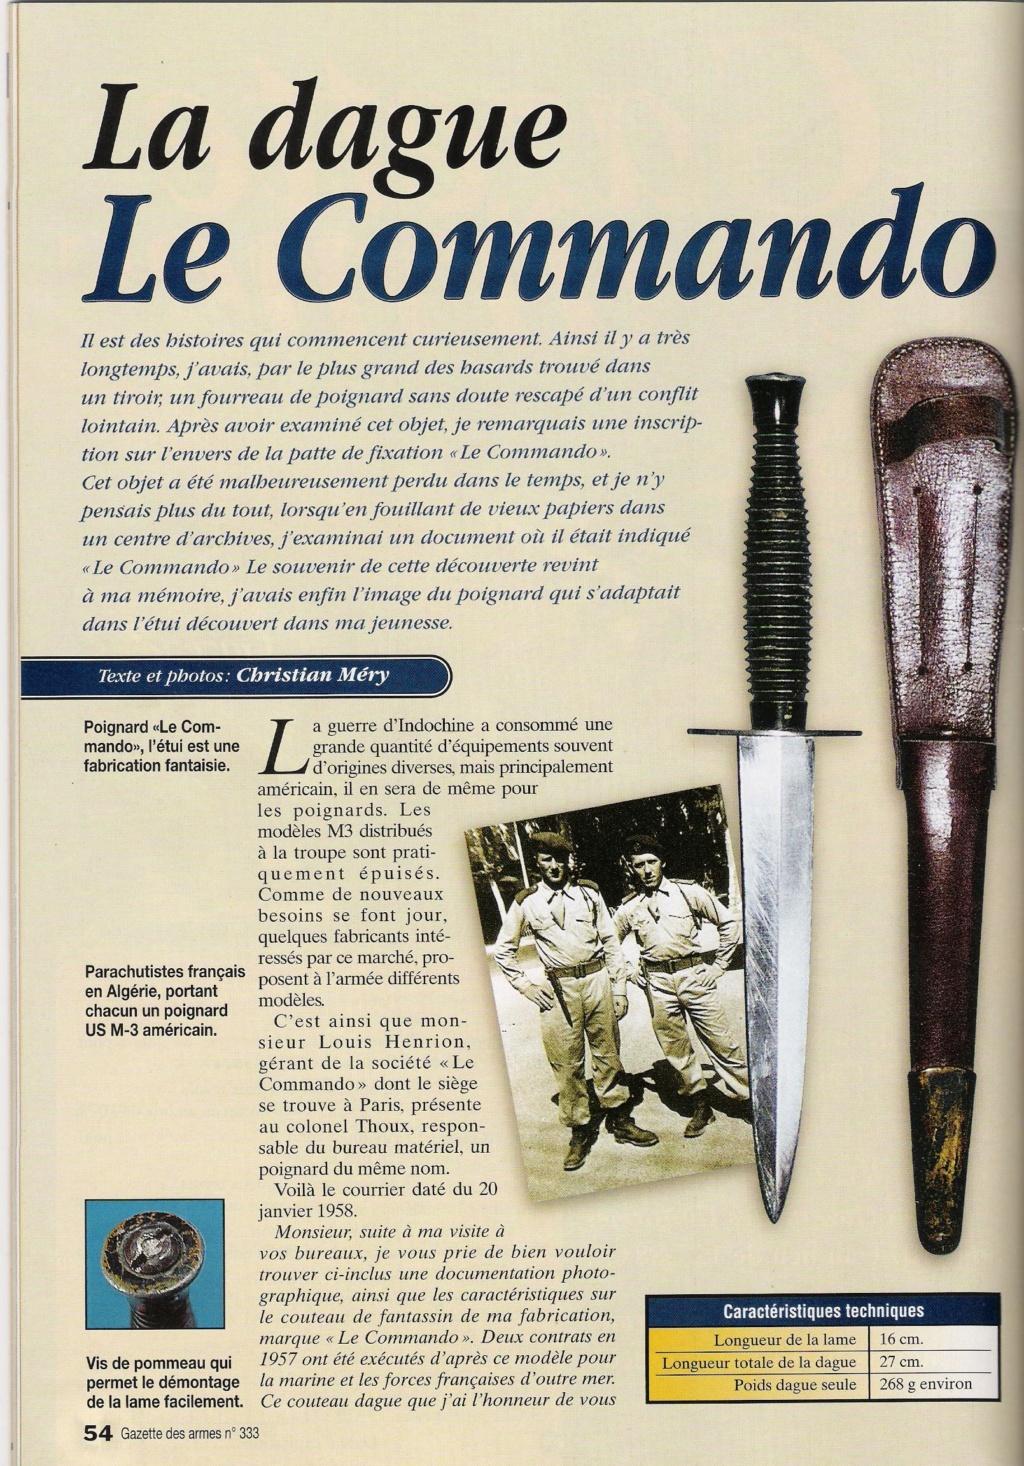 dague commando super nogent mais pas le modele clasique  - Page 2 312